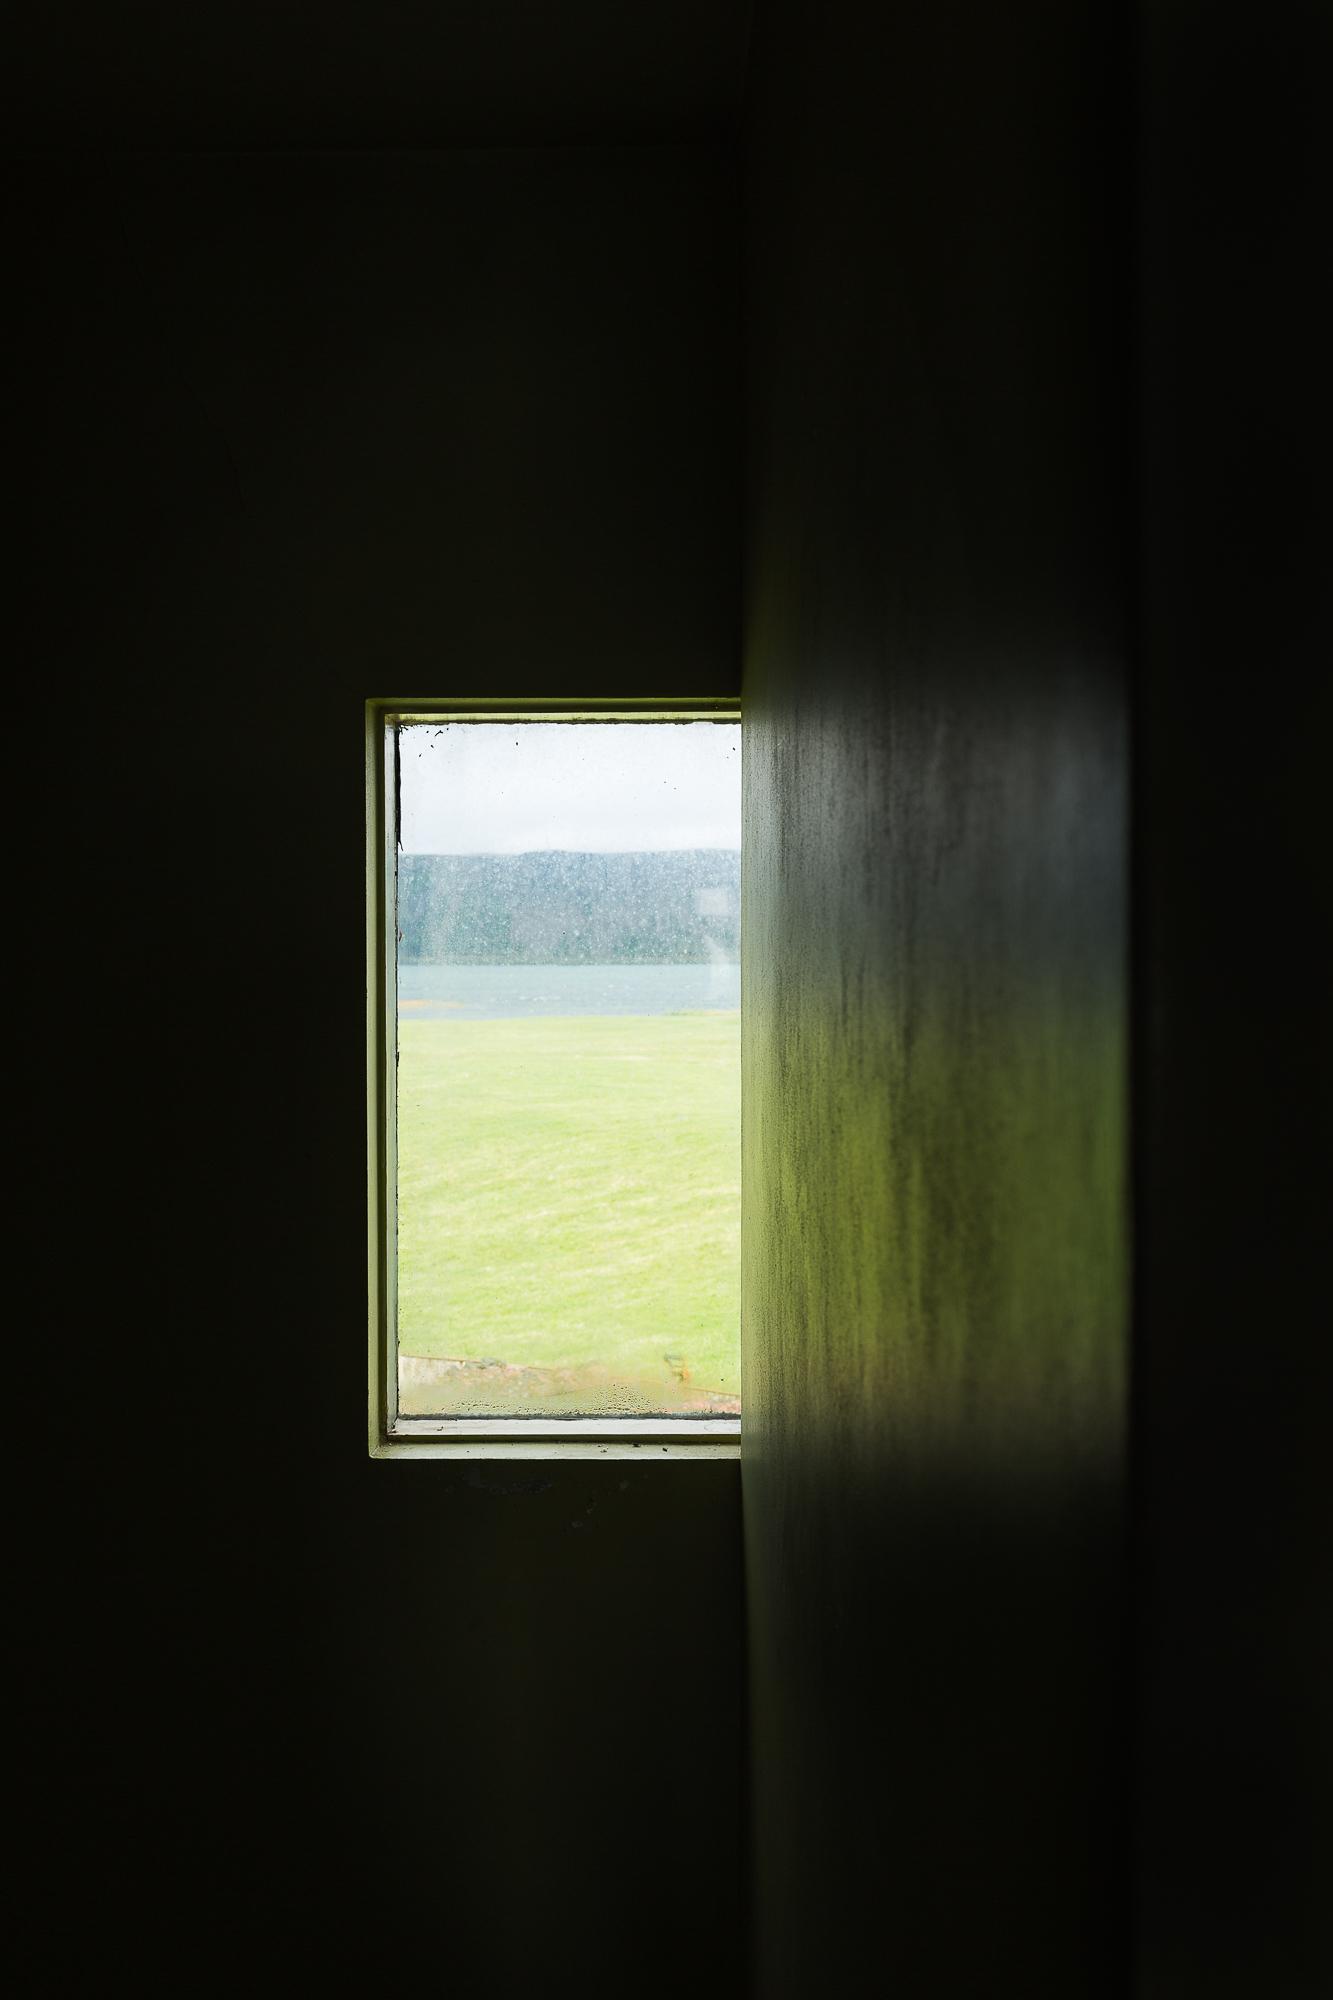 2013_08_30_12_34_43_Snorri_Thorarinsson_0011-Edit.jpg